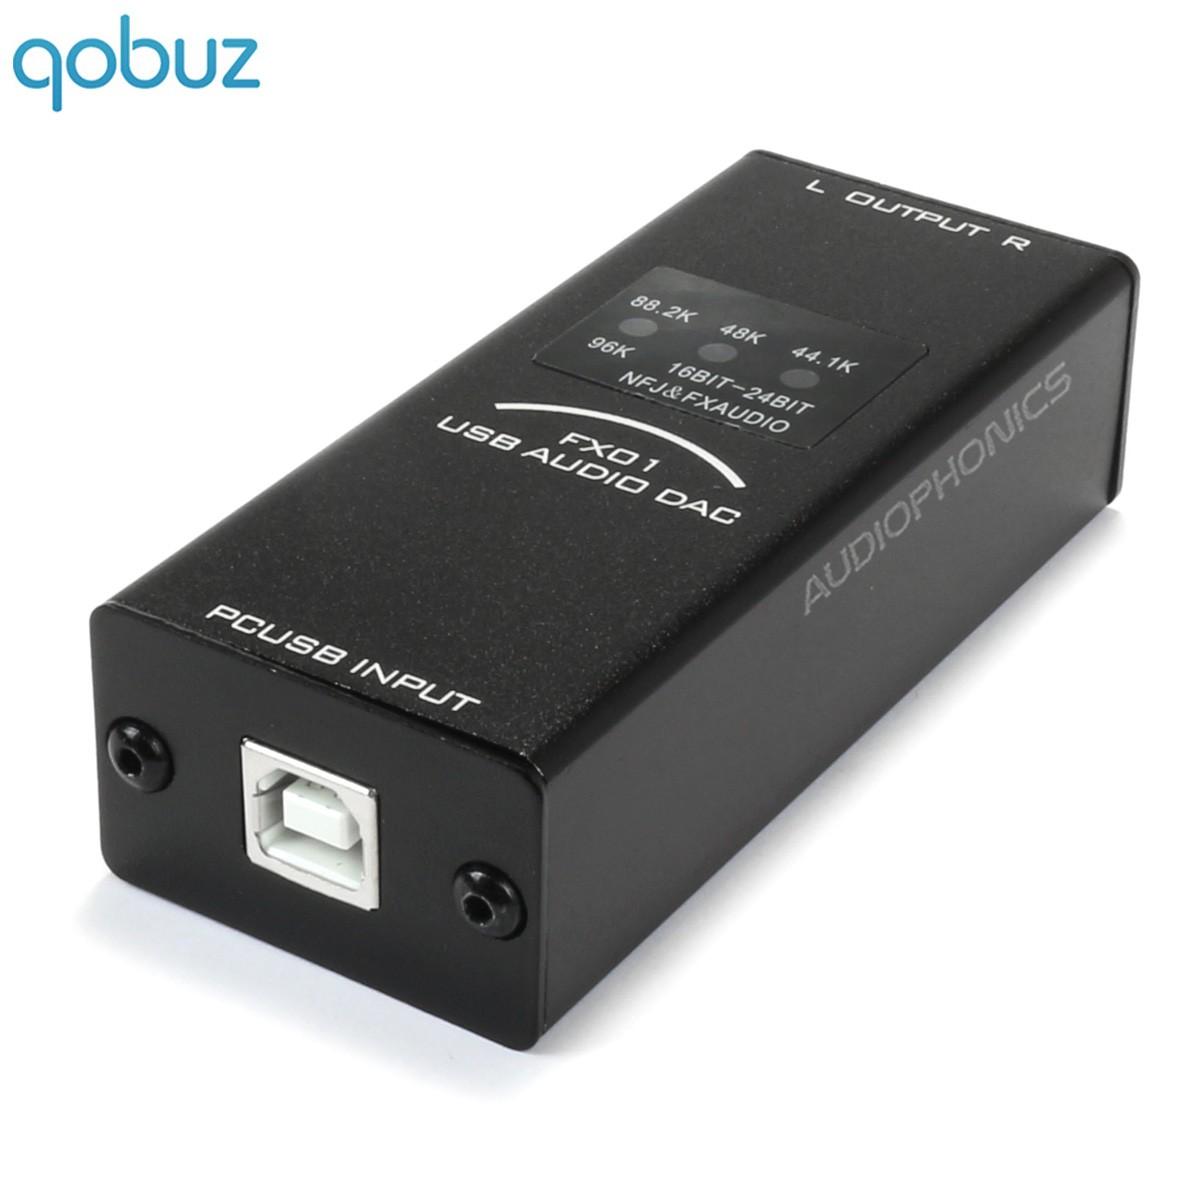 FX-AUDIO FX01 DAC USB stéréo PCM5102 24bit / 96khz Noir